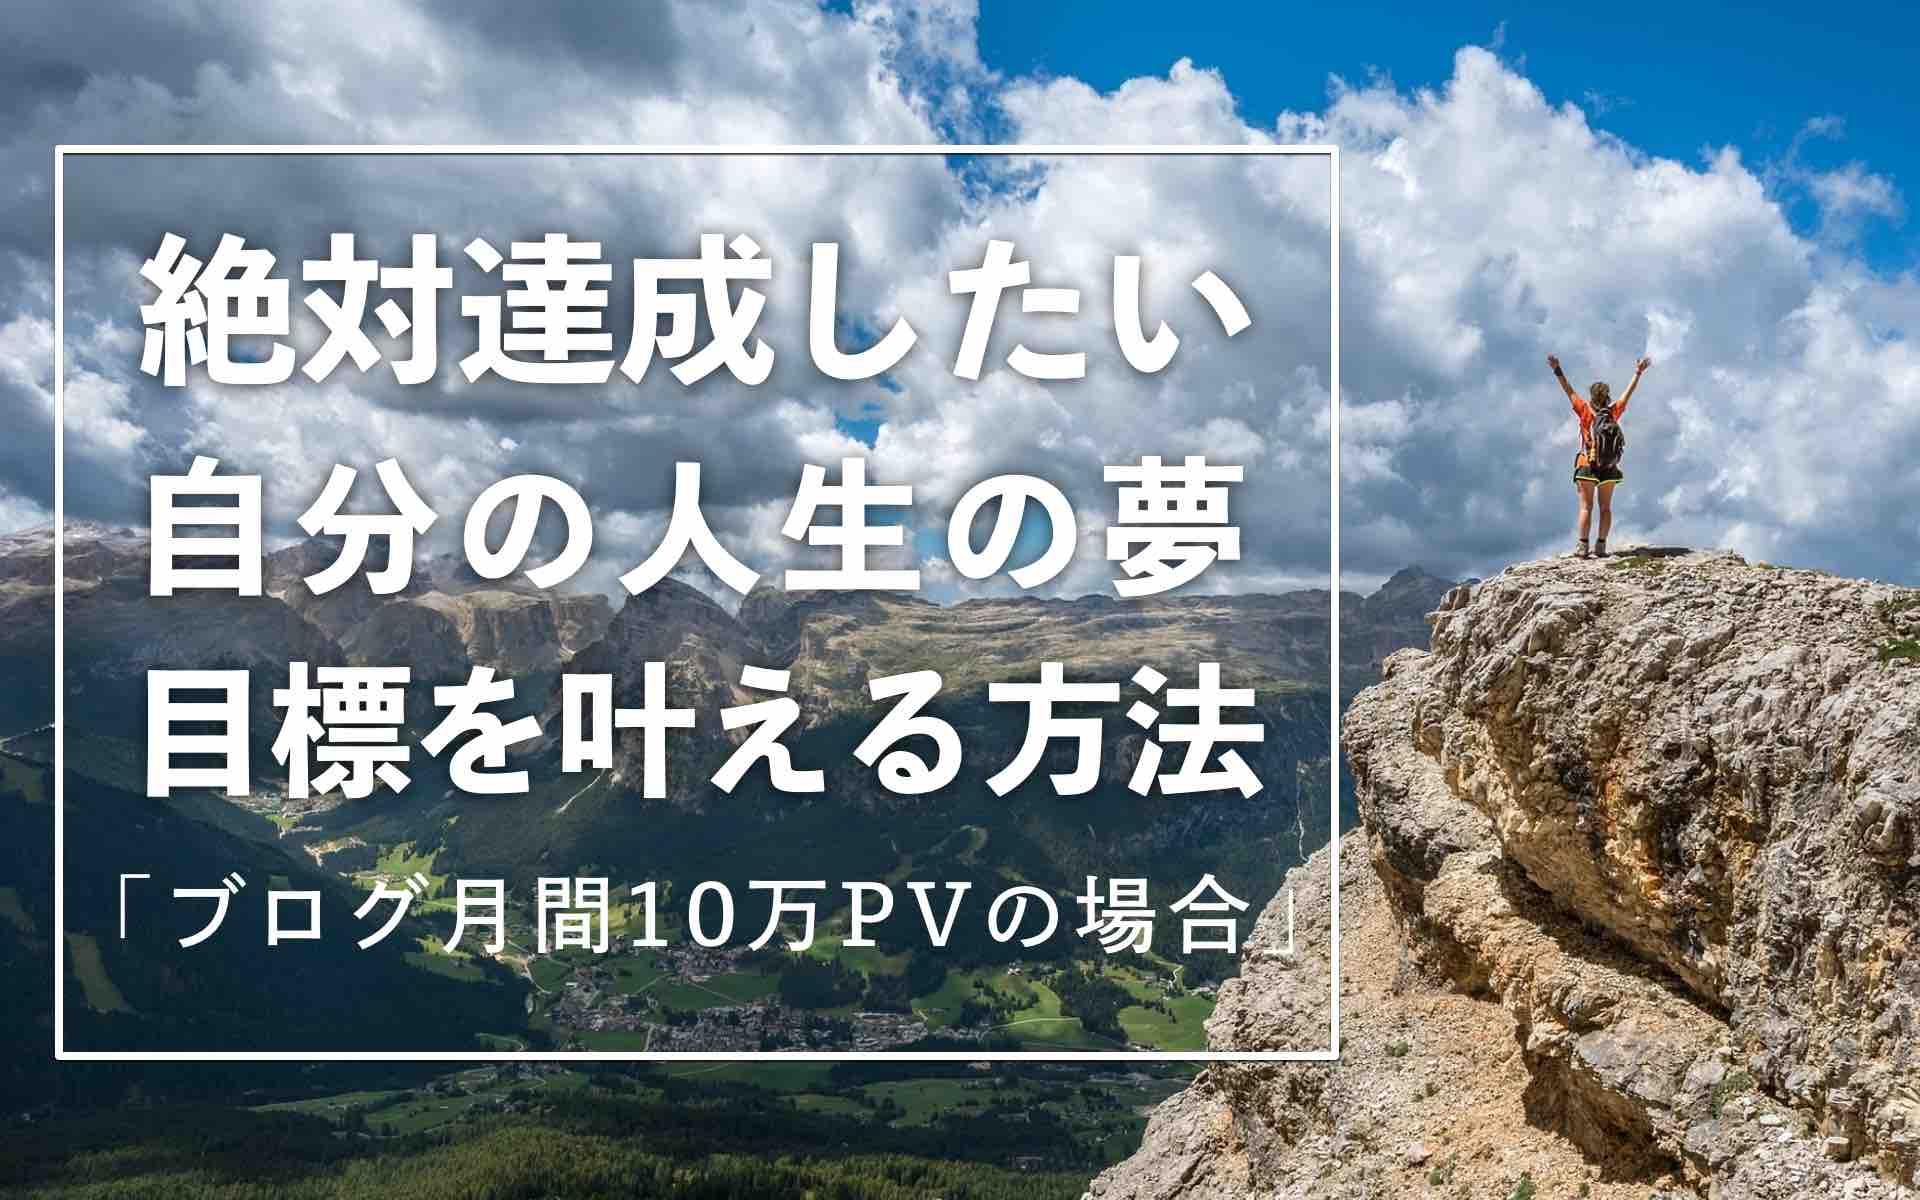 絶対に達成した自分の人生の夢を叶える方法「ブログ月間10万PVの場合」の画像